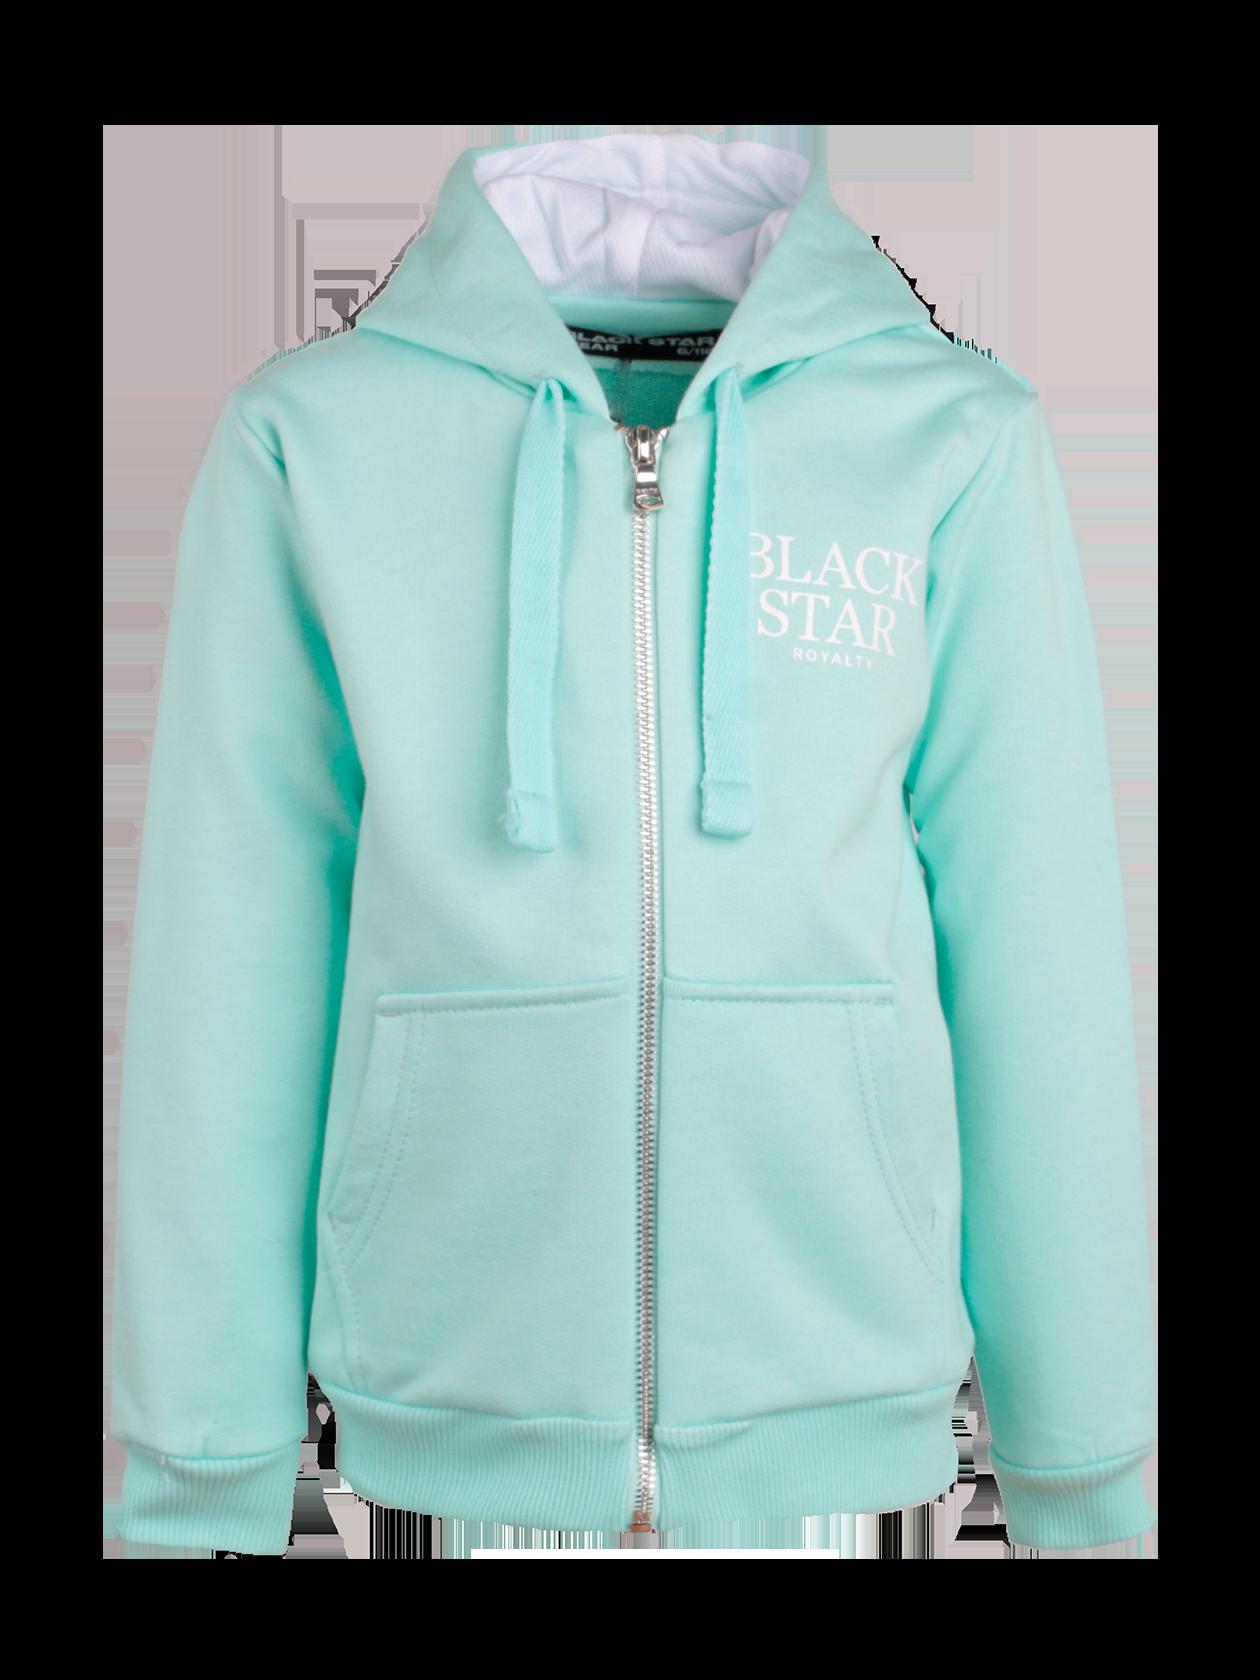 Толстовка детская ROYALTY BLACK STARПрактичная и удобная толстовка детская Royalty Black Star – отличное дополнение к гардеробу юных модников. Традиционный прямой крой, свободный силуэт. Объемный капюшон на подкладке, фиксирующие манжеты и низ изделия защитят от ветра и непогоды. Спереди серебристая застежка на молнии, накладные карманы. На груди контрастная надпись Black Star Royalty. Толстовка выполнена в приятной ментоловой расцветке, сшита из высококачественного мягкого футера.<br><br>Размер: 7 years<br>Цвет: Ментоловый<br>Пол: Унисекс